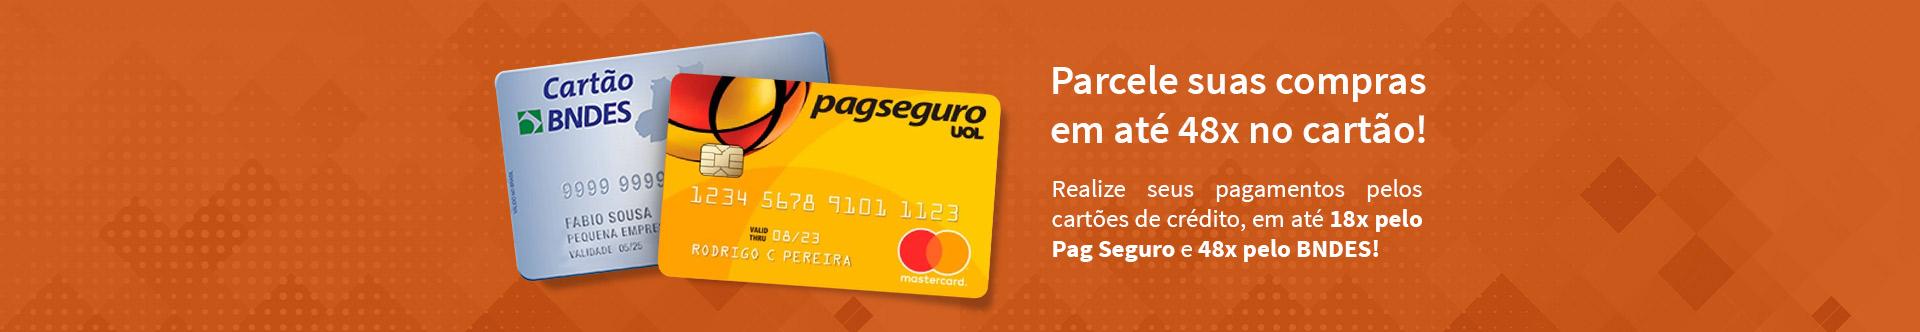 Parcele suas compras em até 48x no cartão.